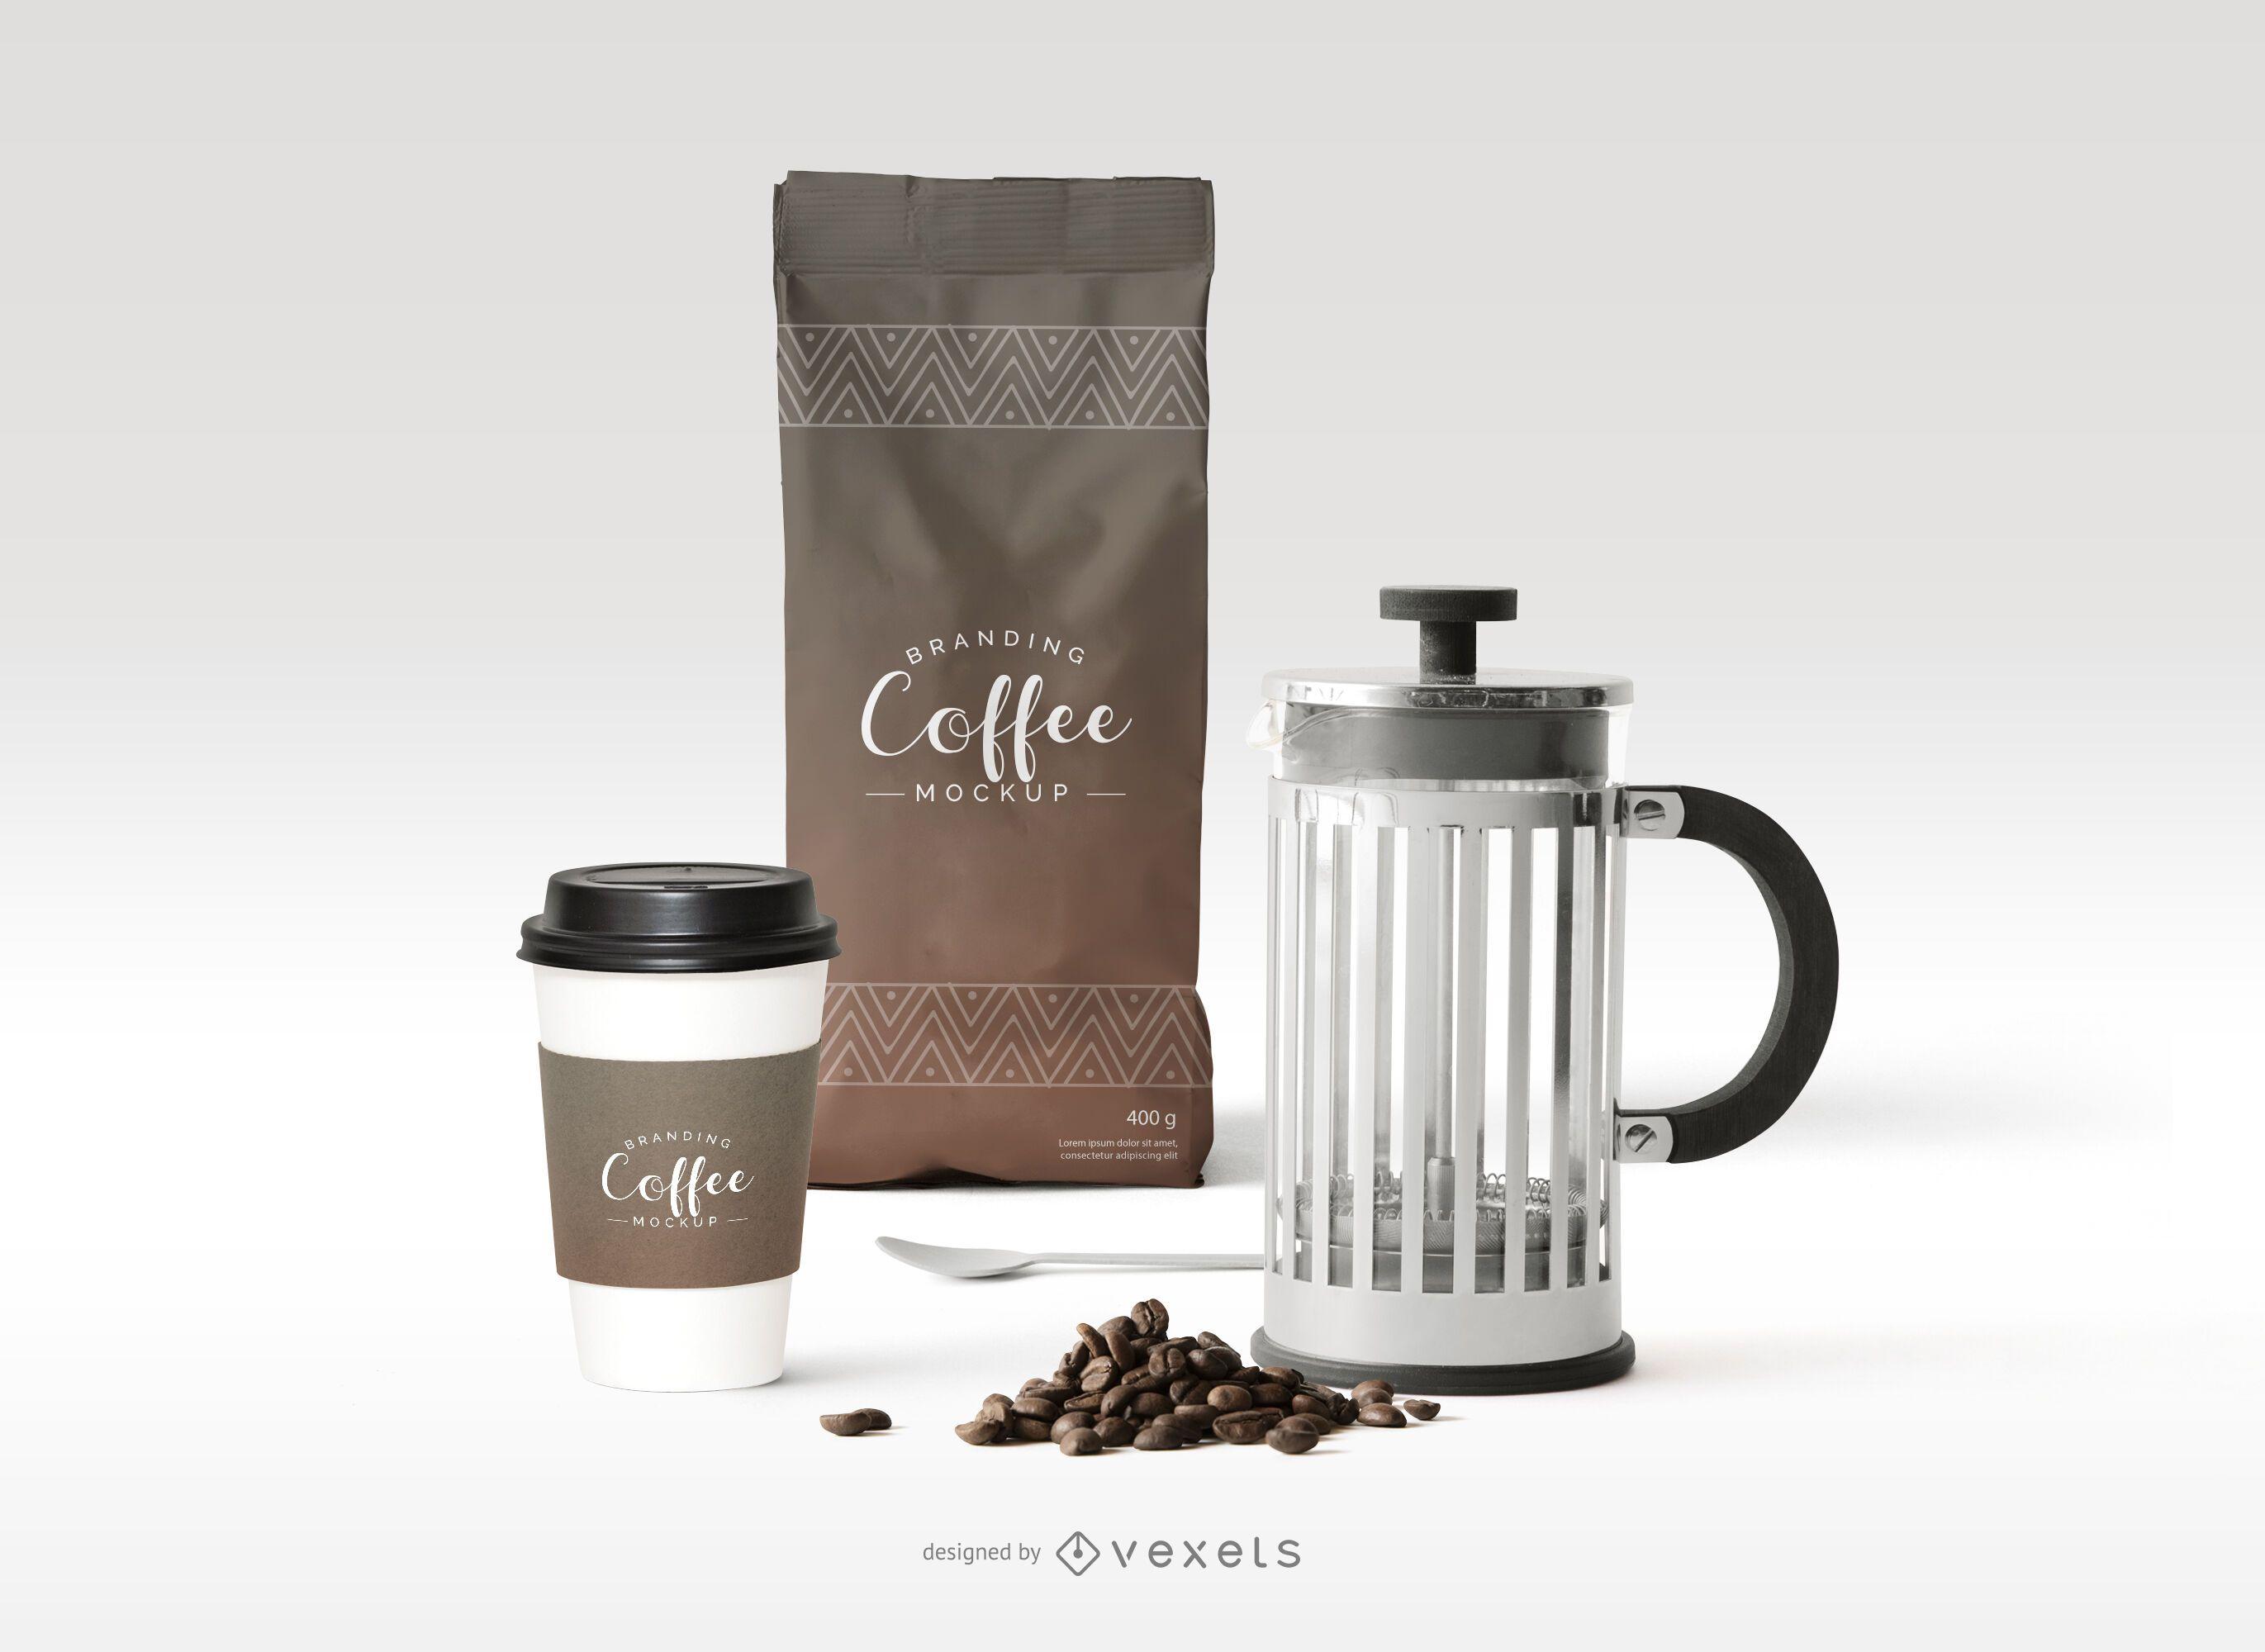 Kaffee-Branding-Modellzusammensetzung